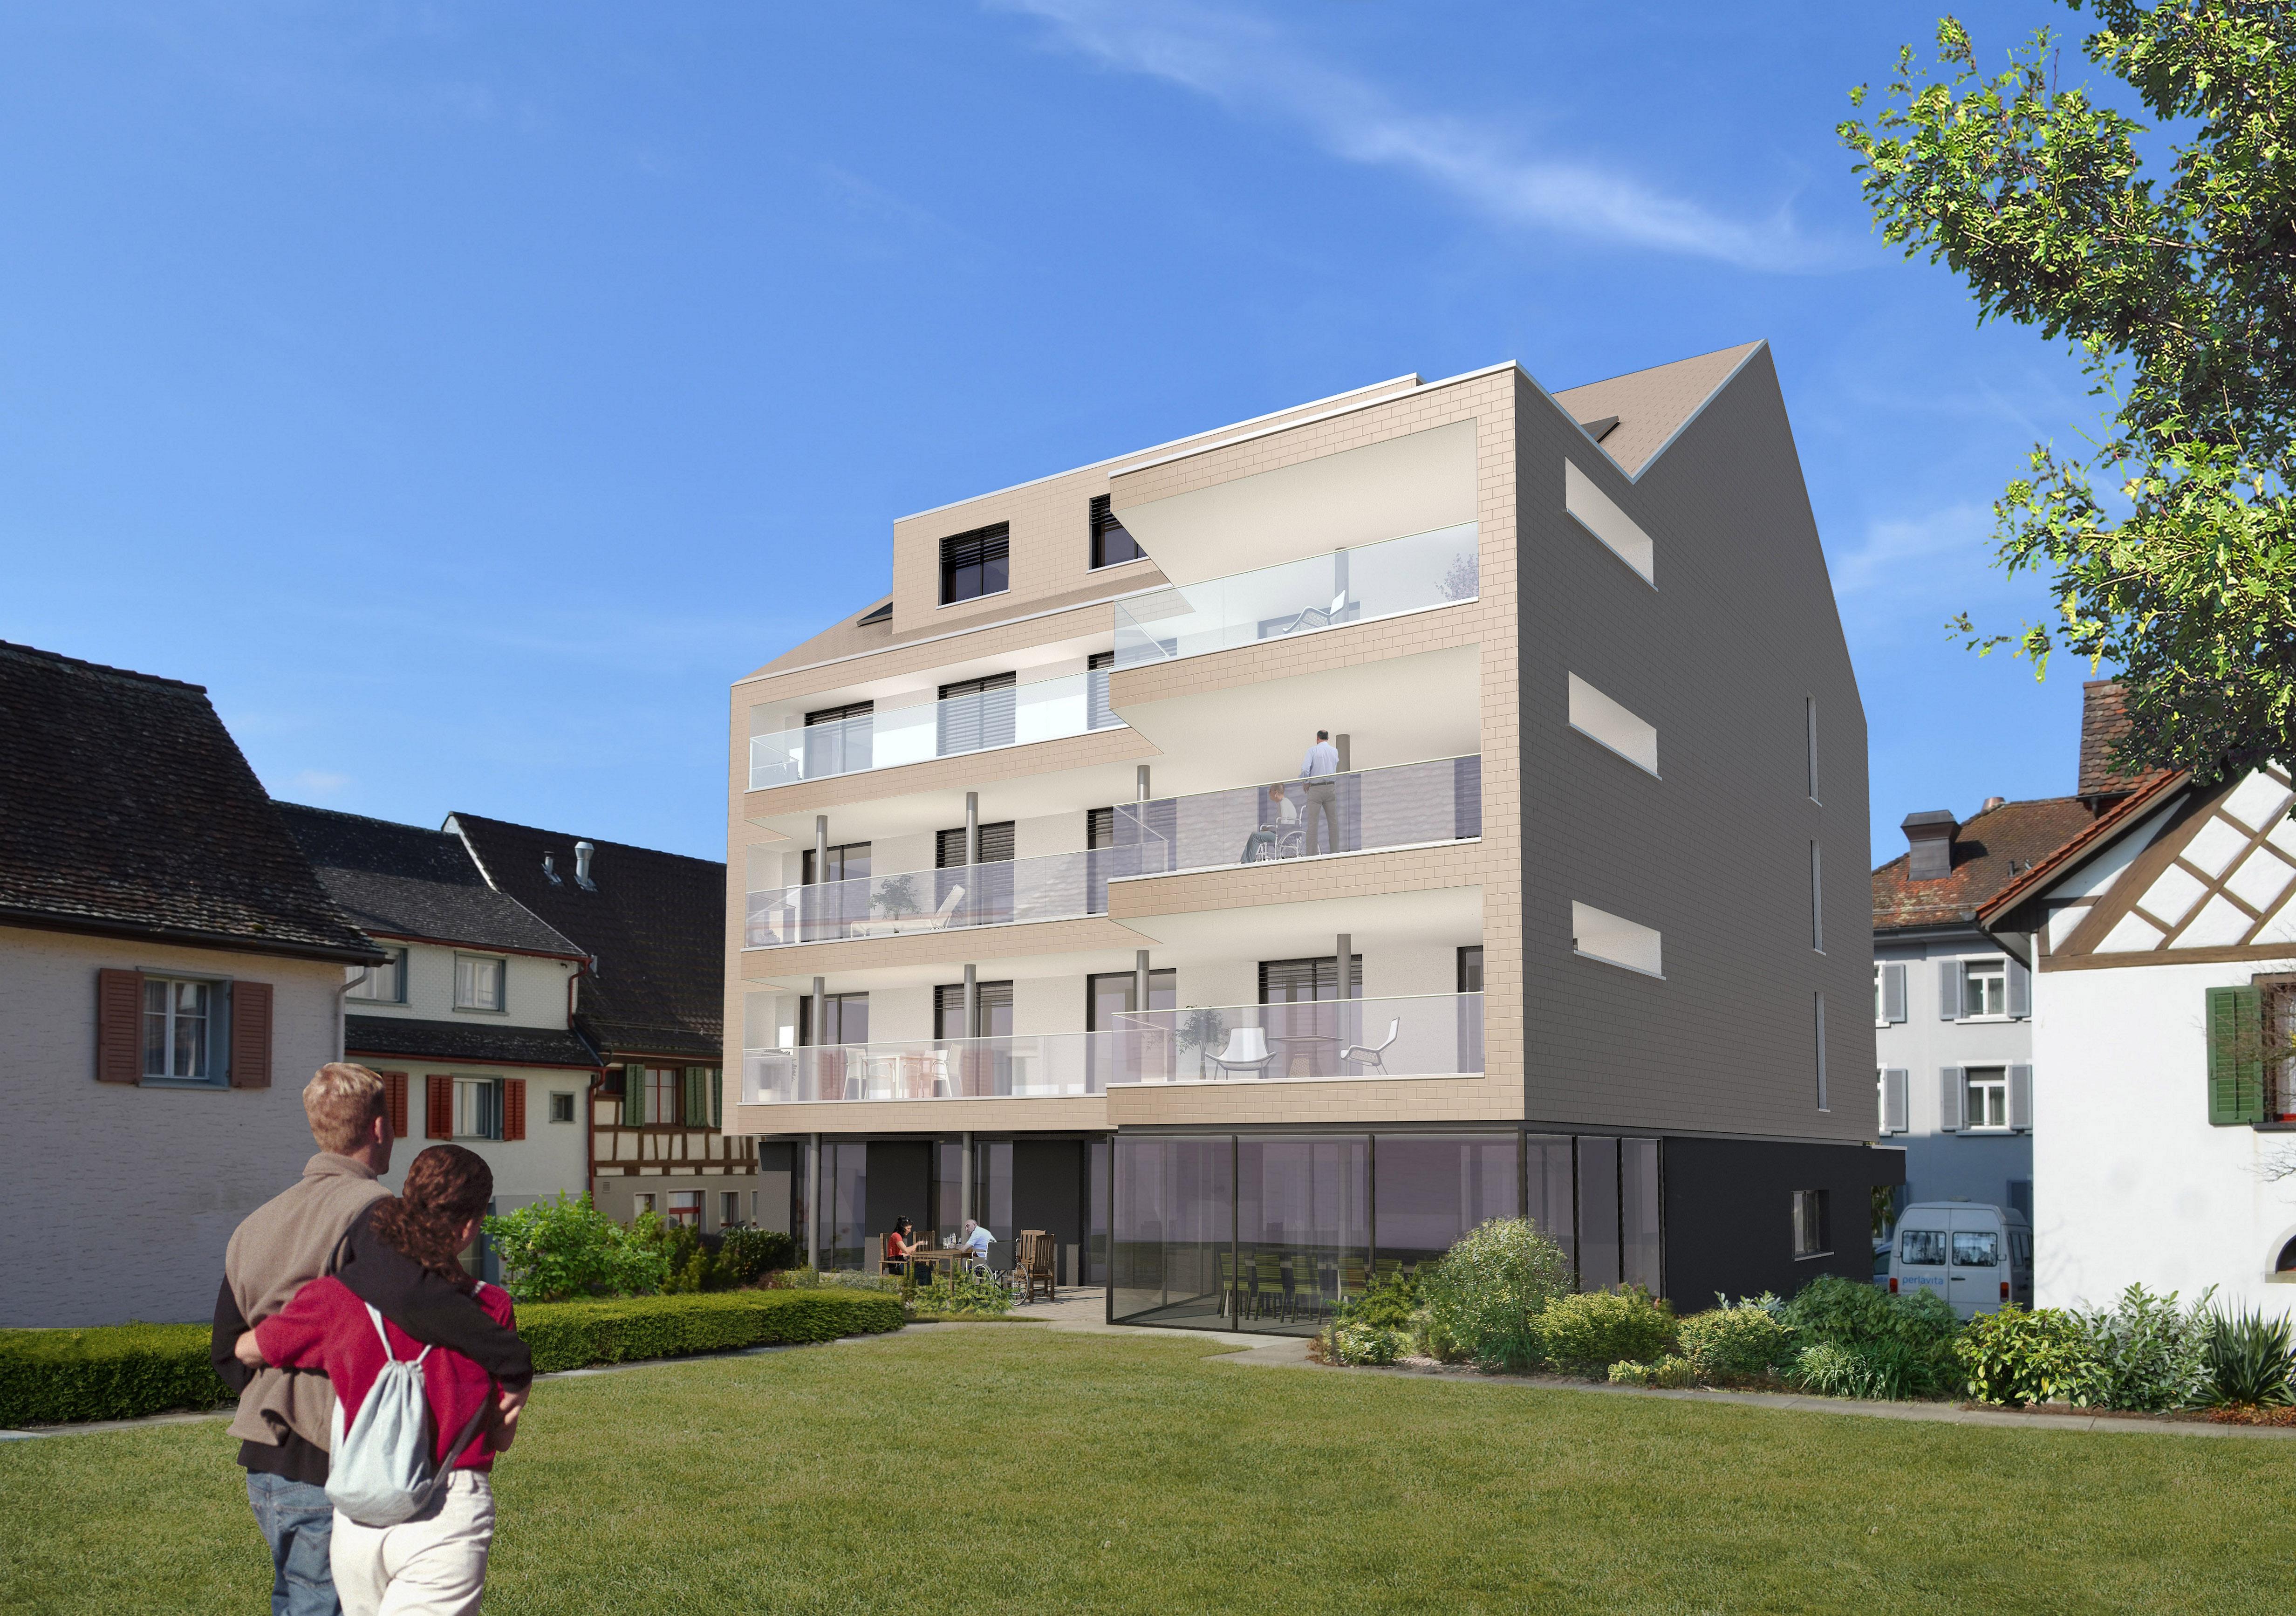 Newsblog - Dalla Corte Völkle Architects - Architekten in der Schweiz